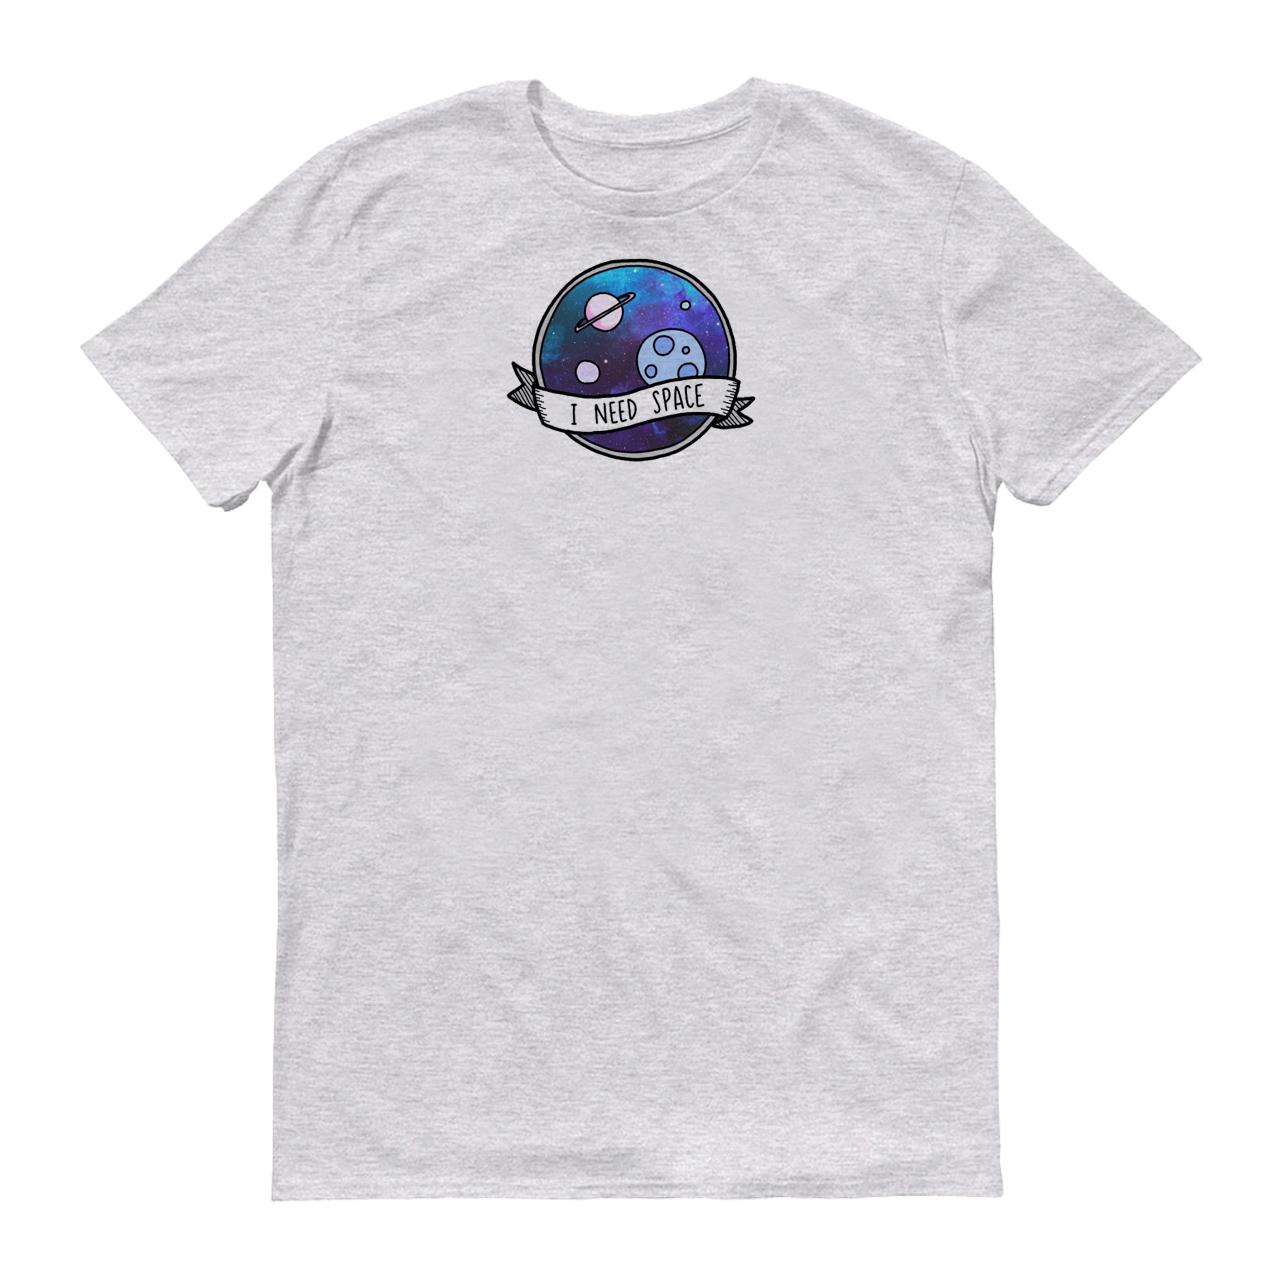 تی شرت زنانه طرح فضا کد 156-1